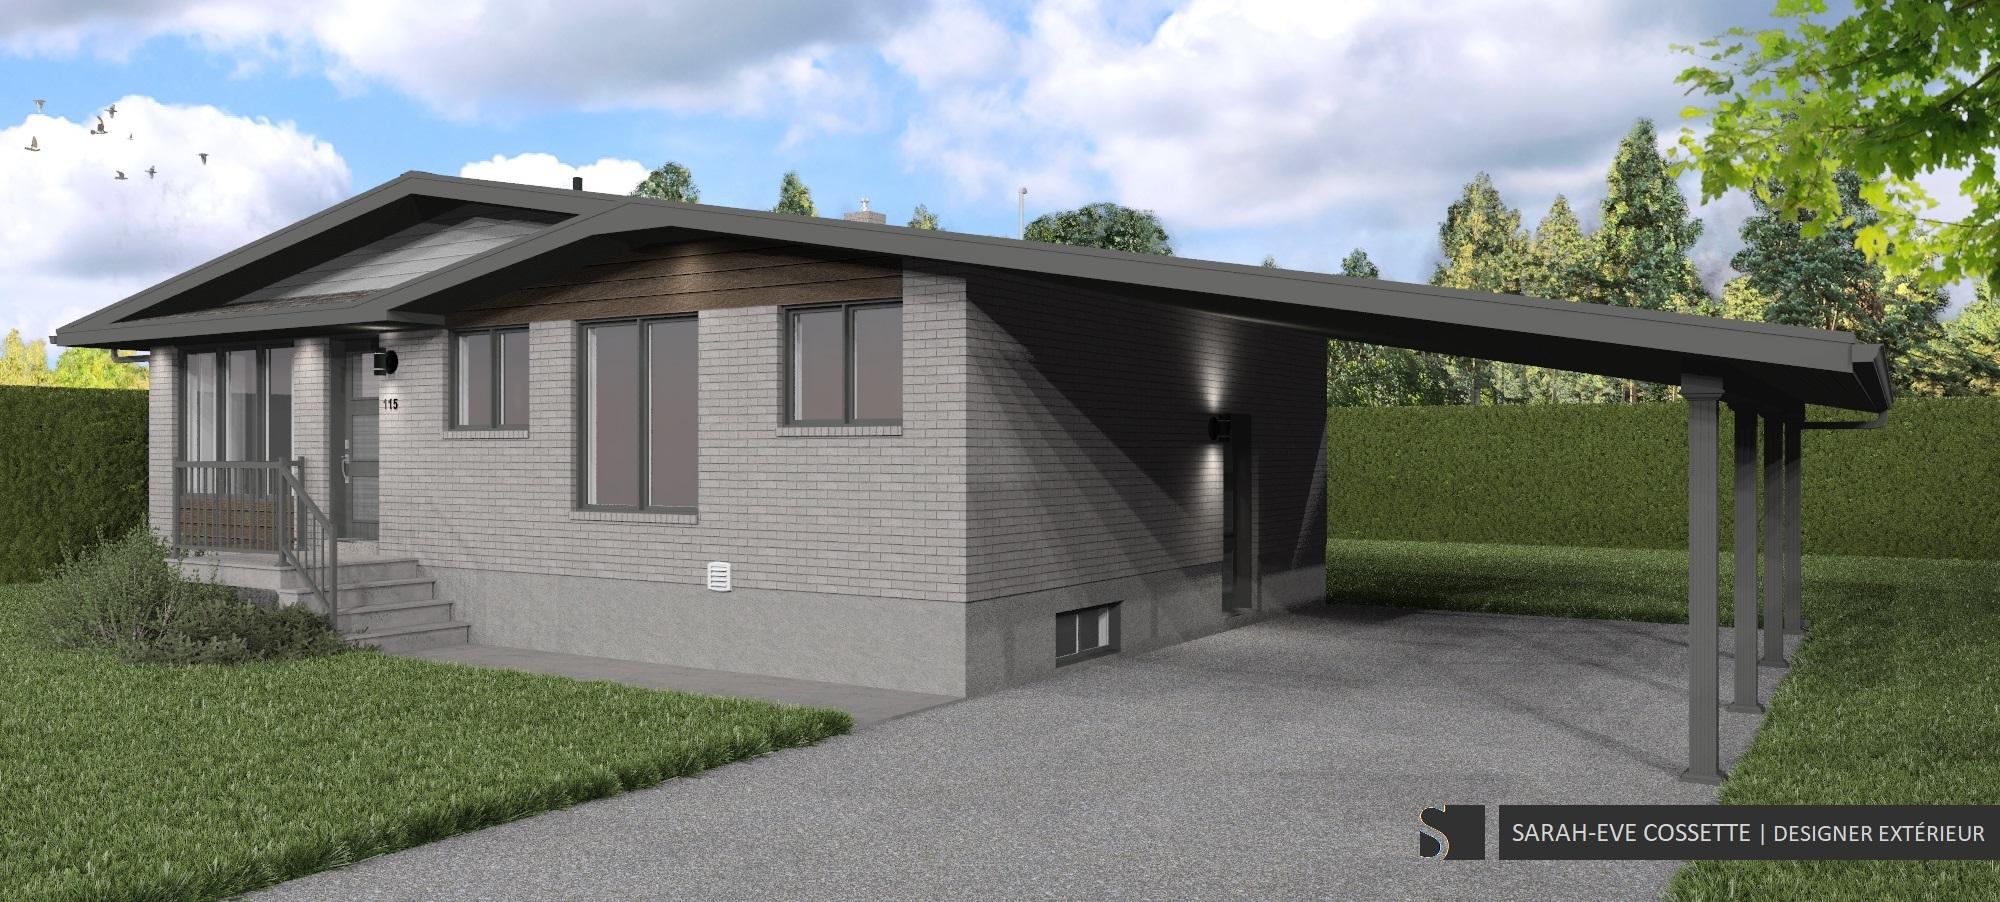 Design exterieur Lebel-sur-Quevillon Rénovation Nord-Du-Québec